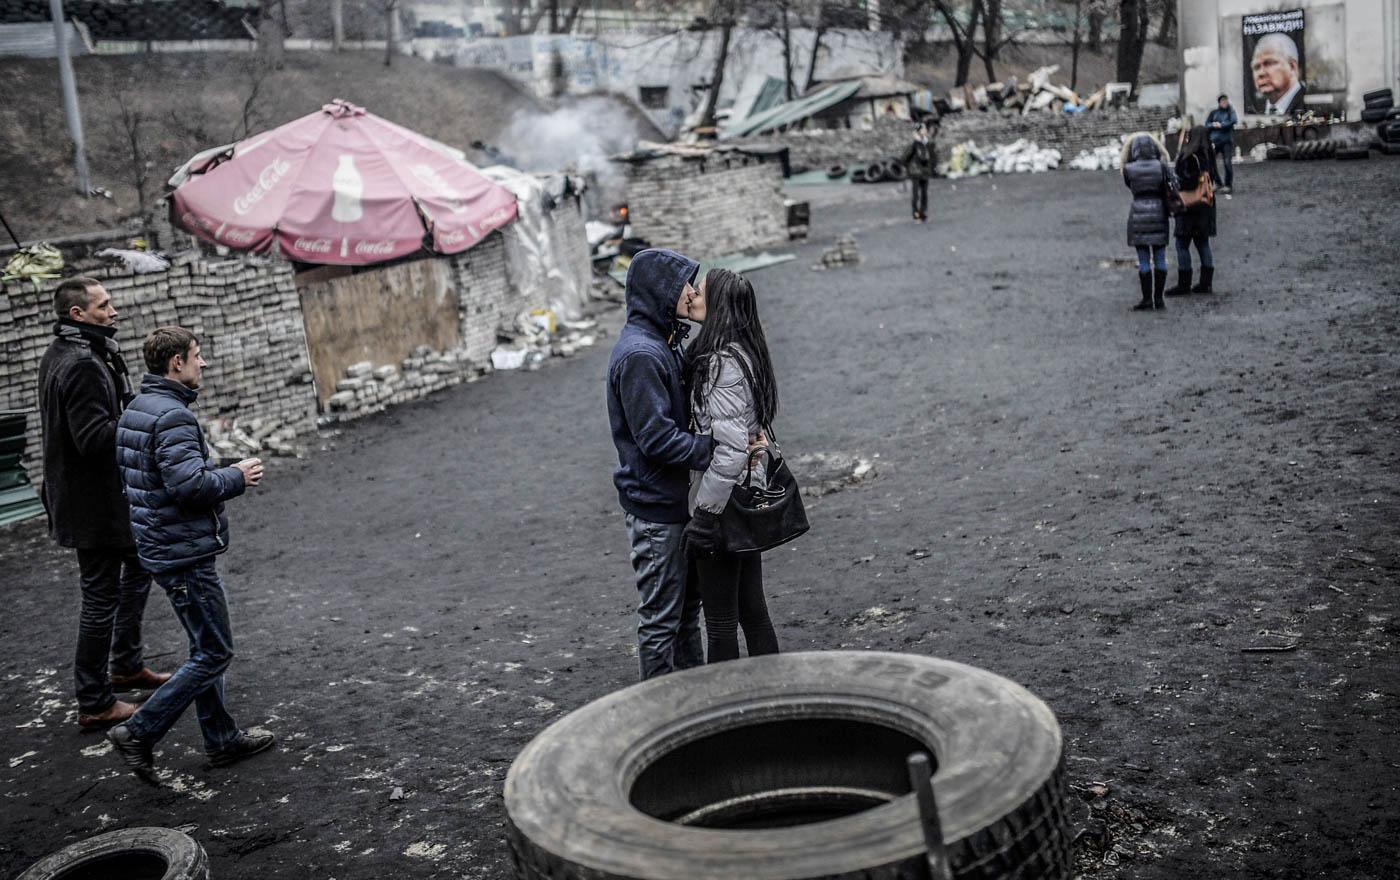 Un joven besa a su novia en una barricada en Kiev